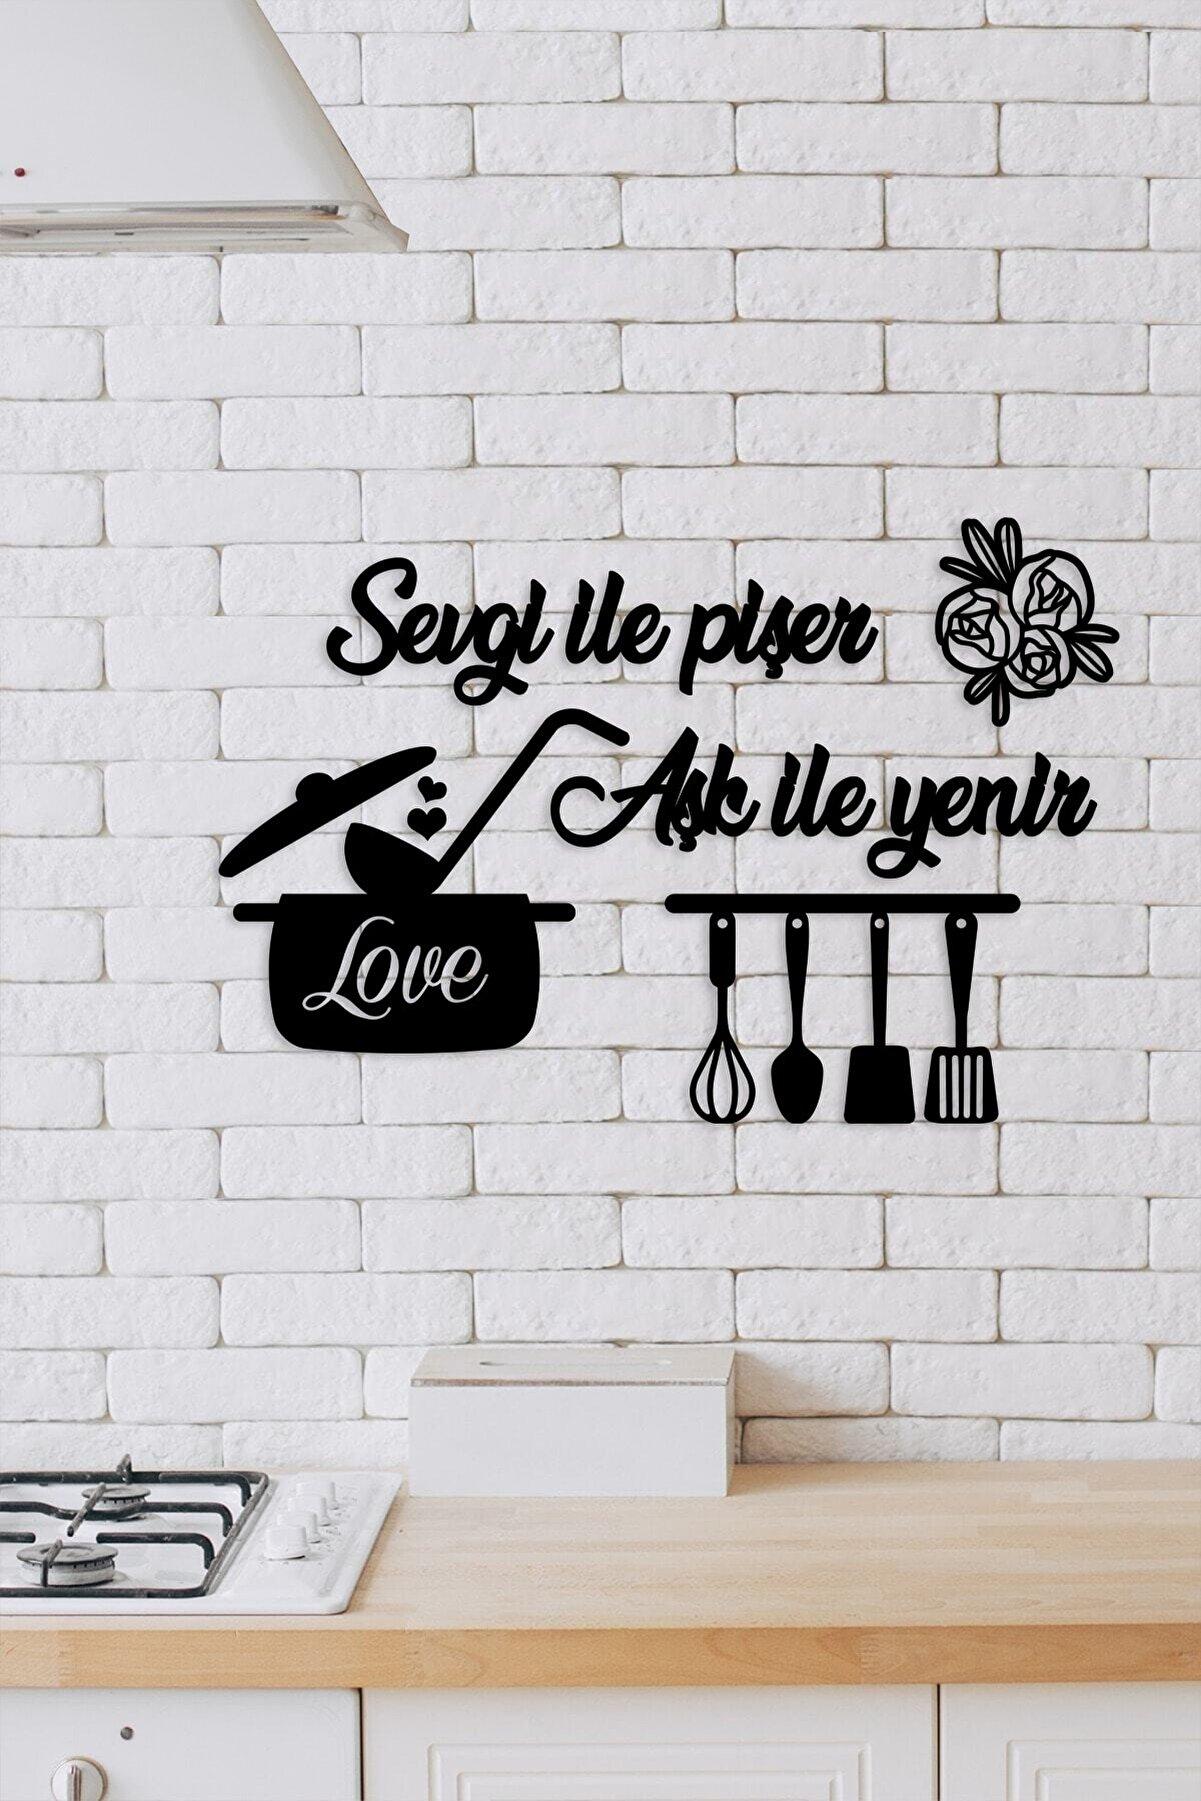 Tomruk Magnet Evi Siyah Mutfağım Sevgiyle Pişer Duvar Dekoru